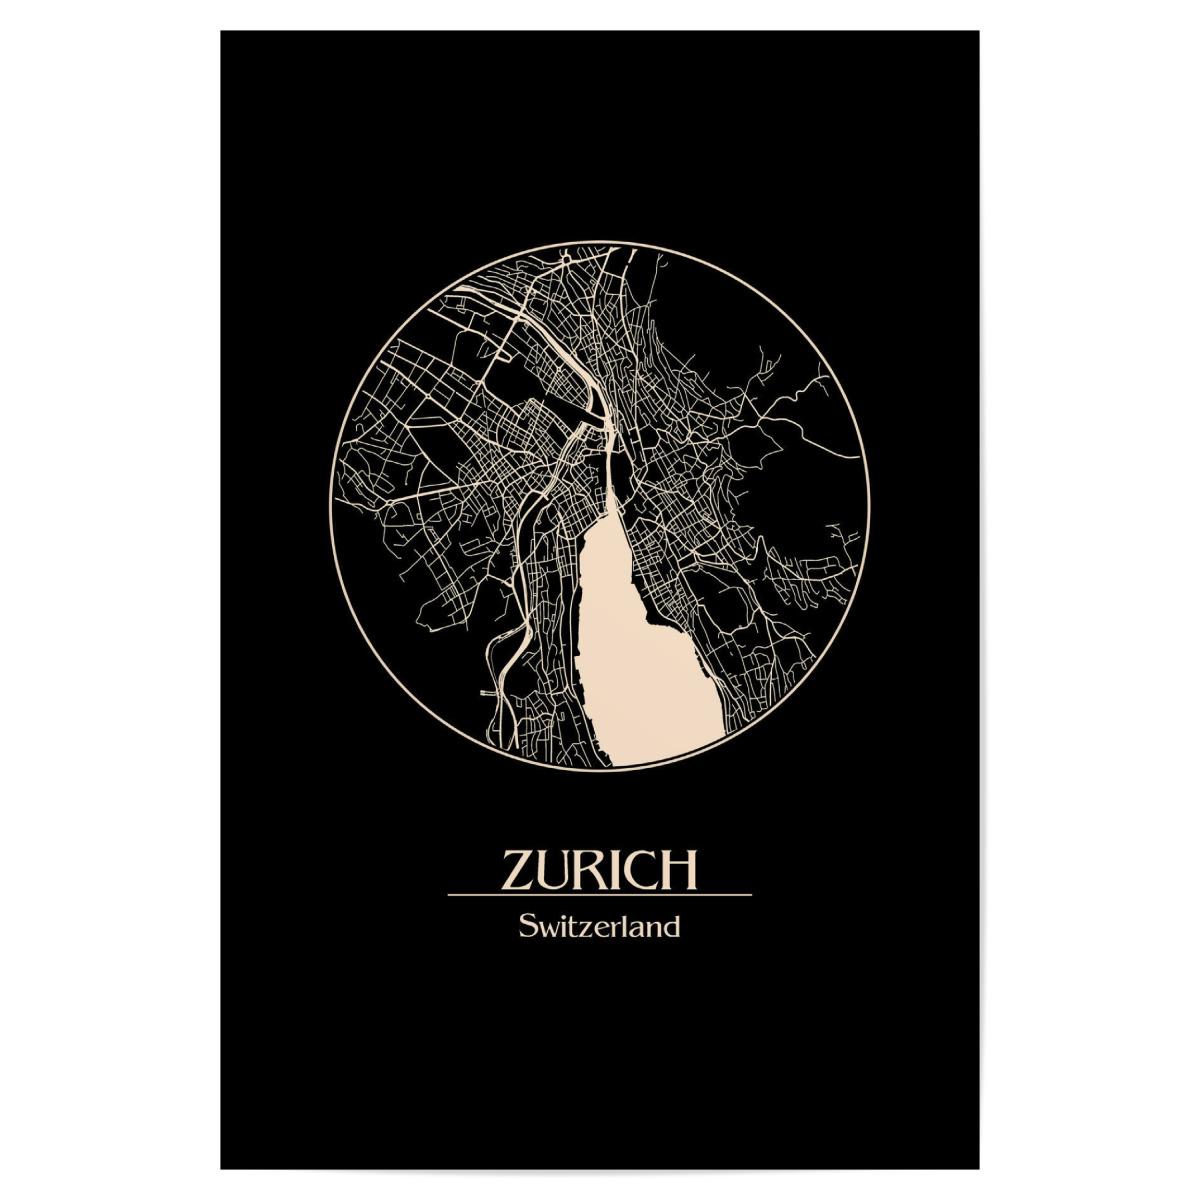 Retro Map of Zurich Switzerland als Poster bei artboxONE kaufen on